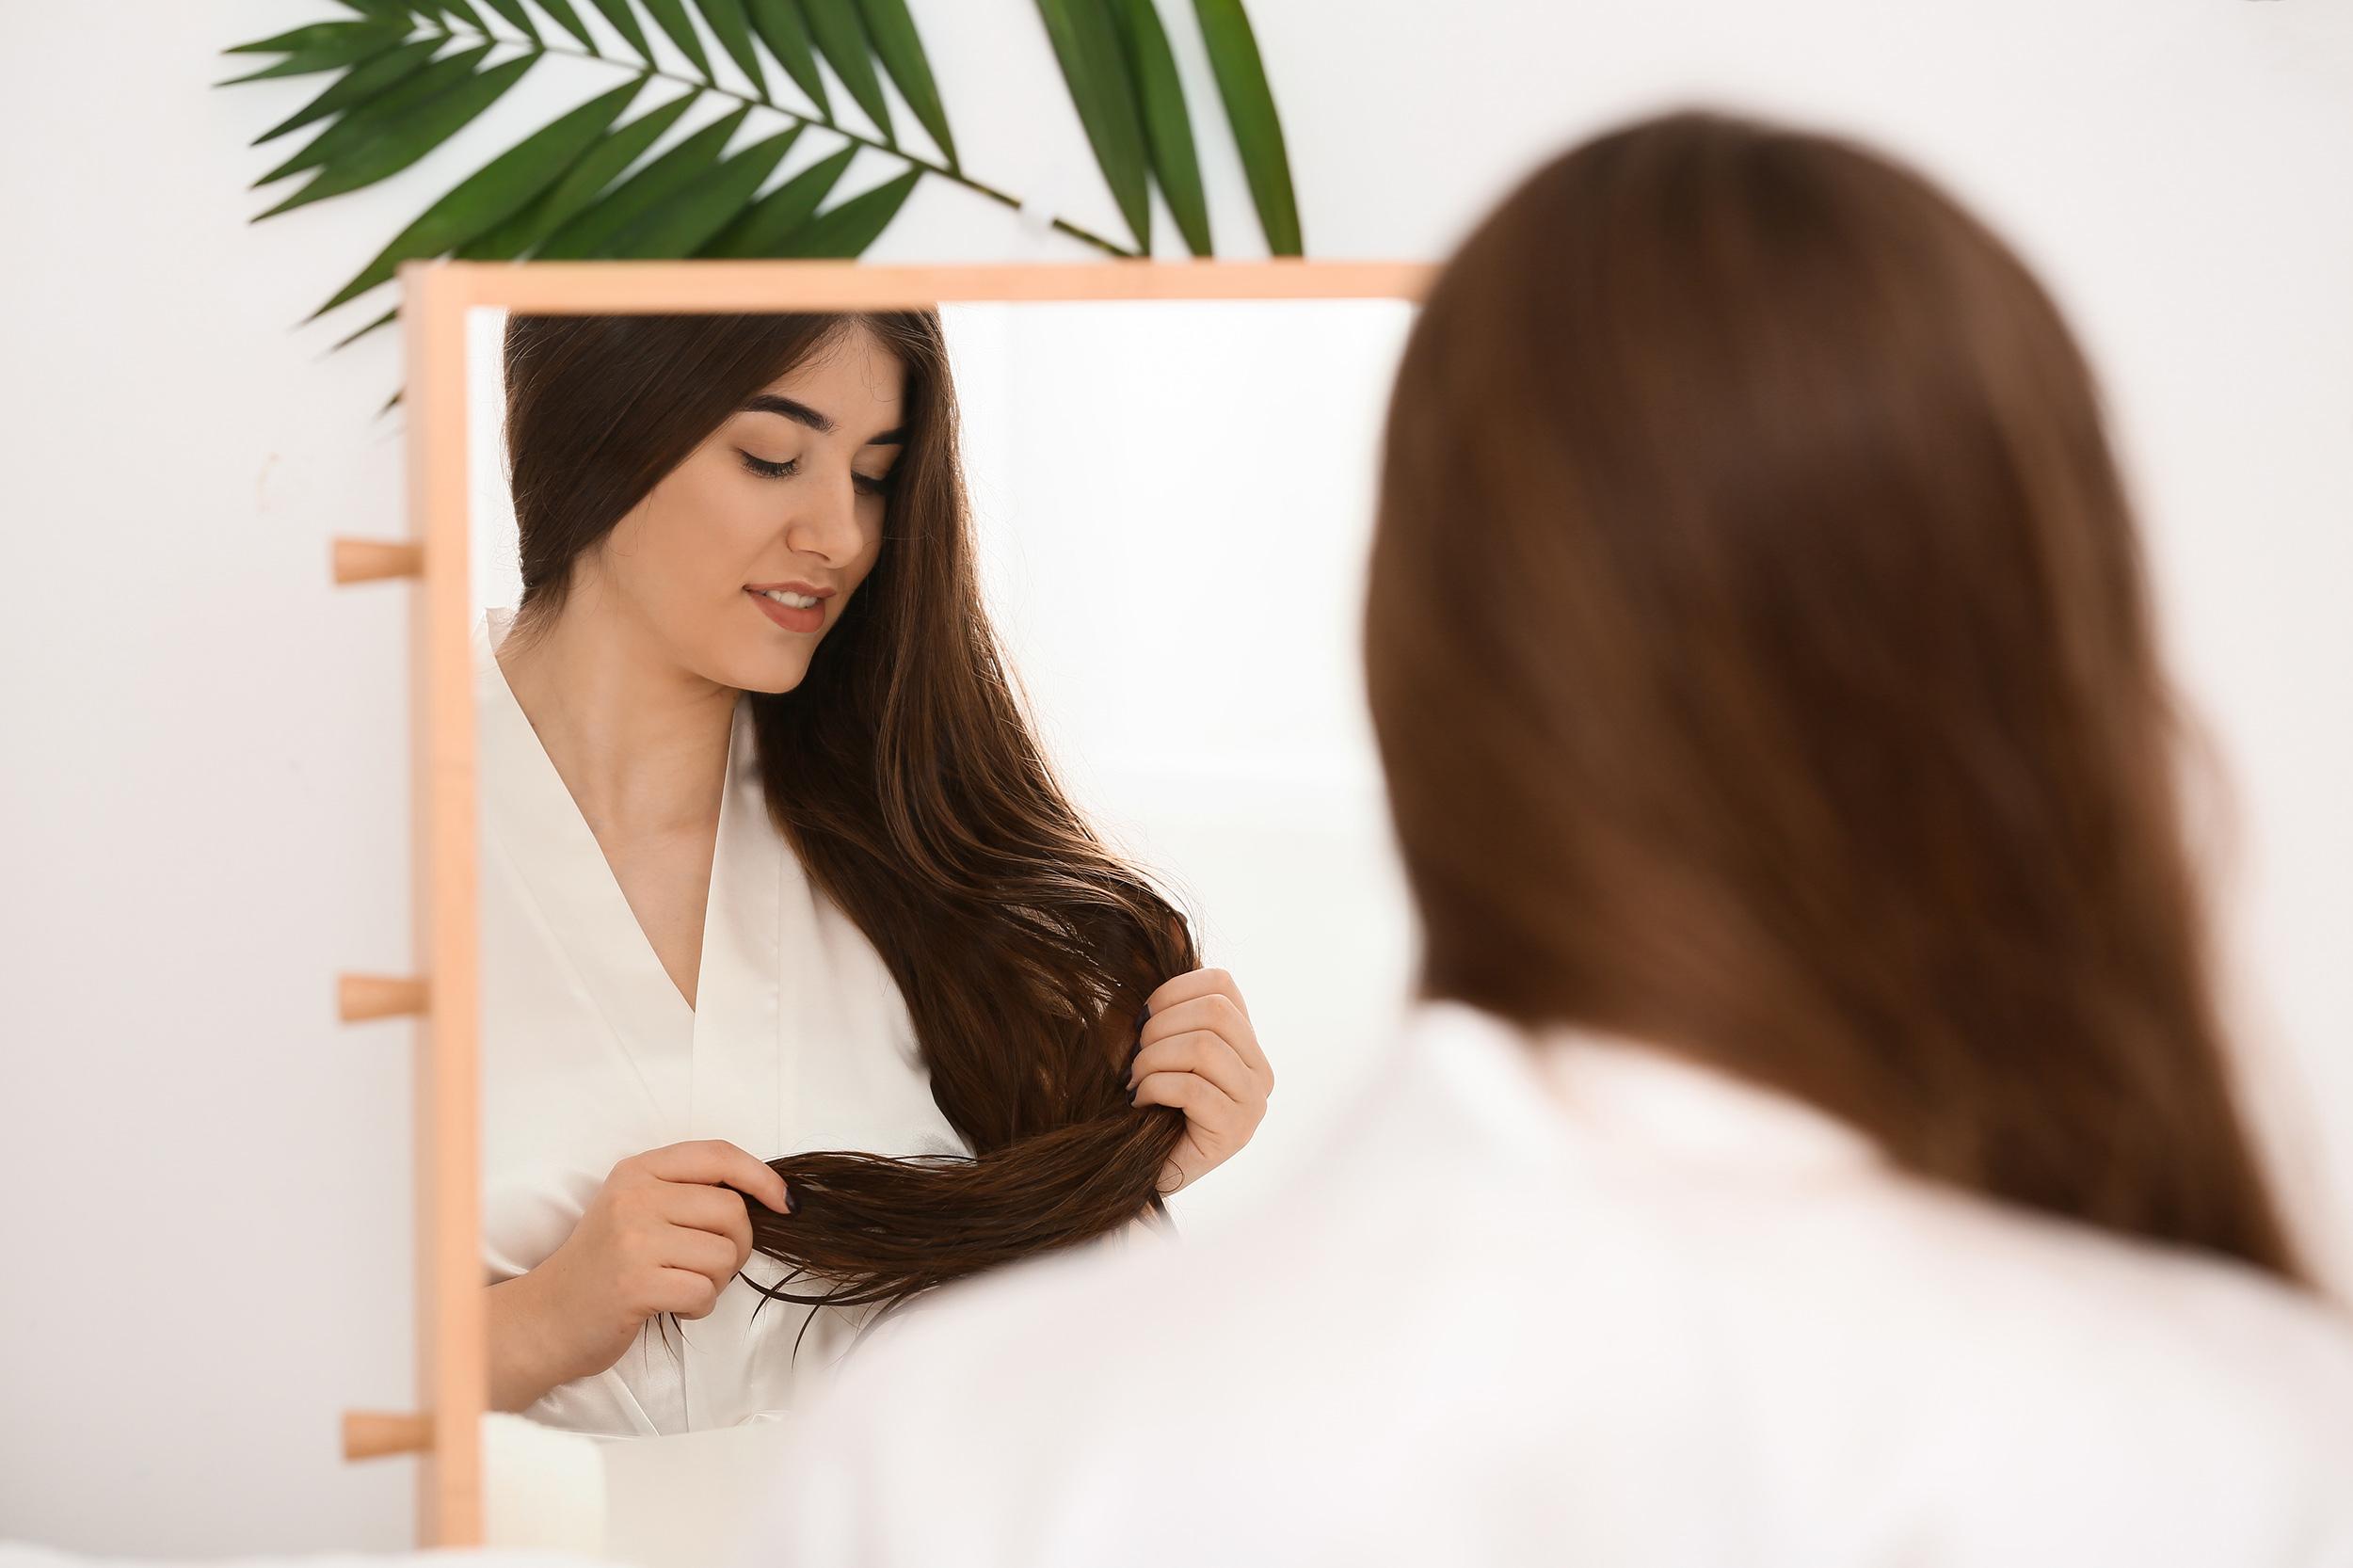 Ruskeahiuksinen nainen peilaa itseään peilistä ja harjaa hiuksiaan